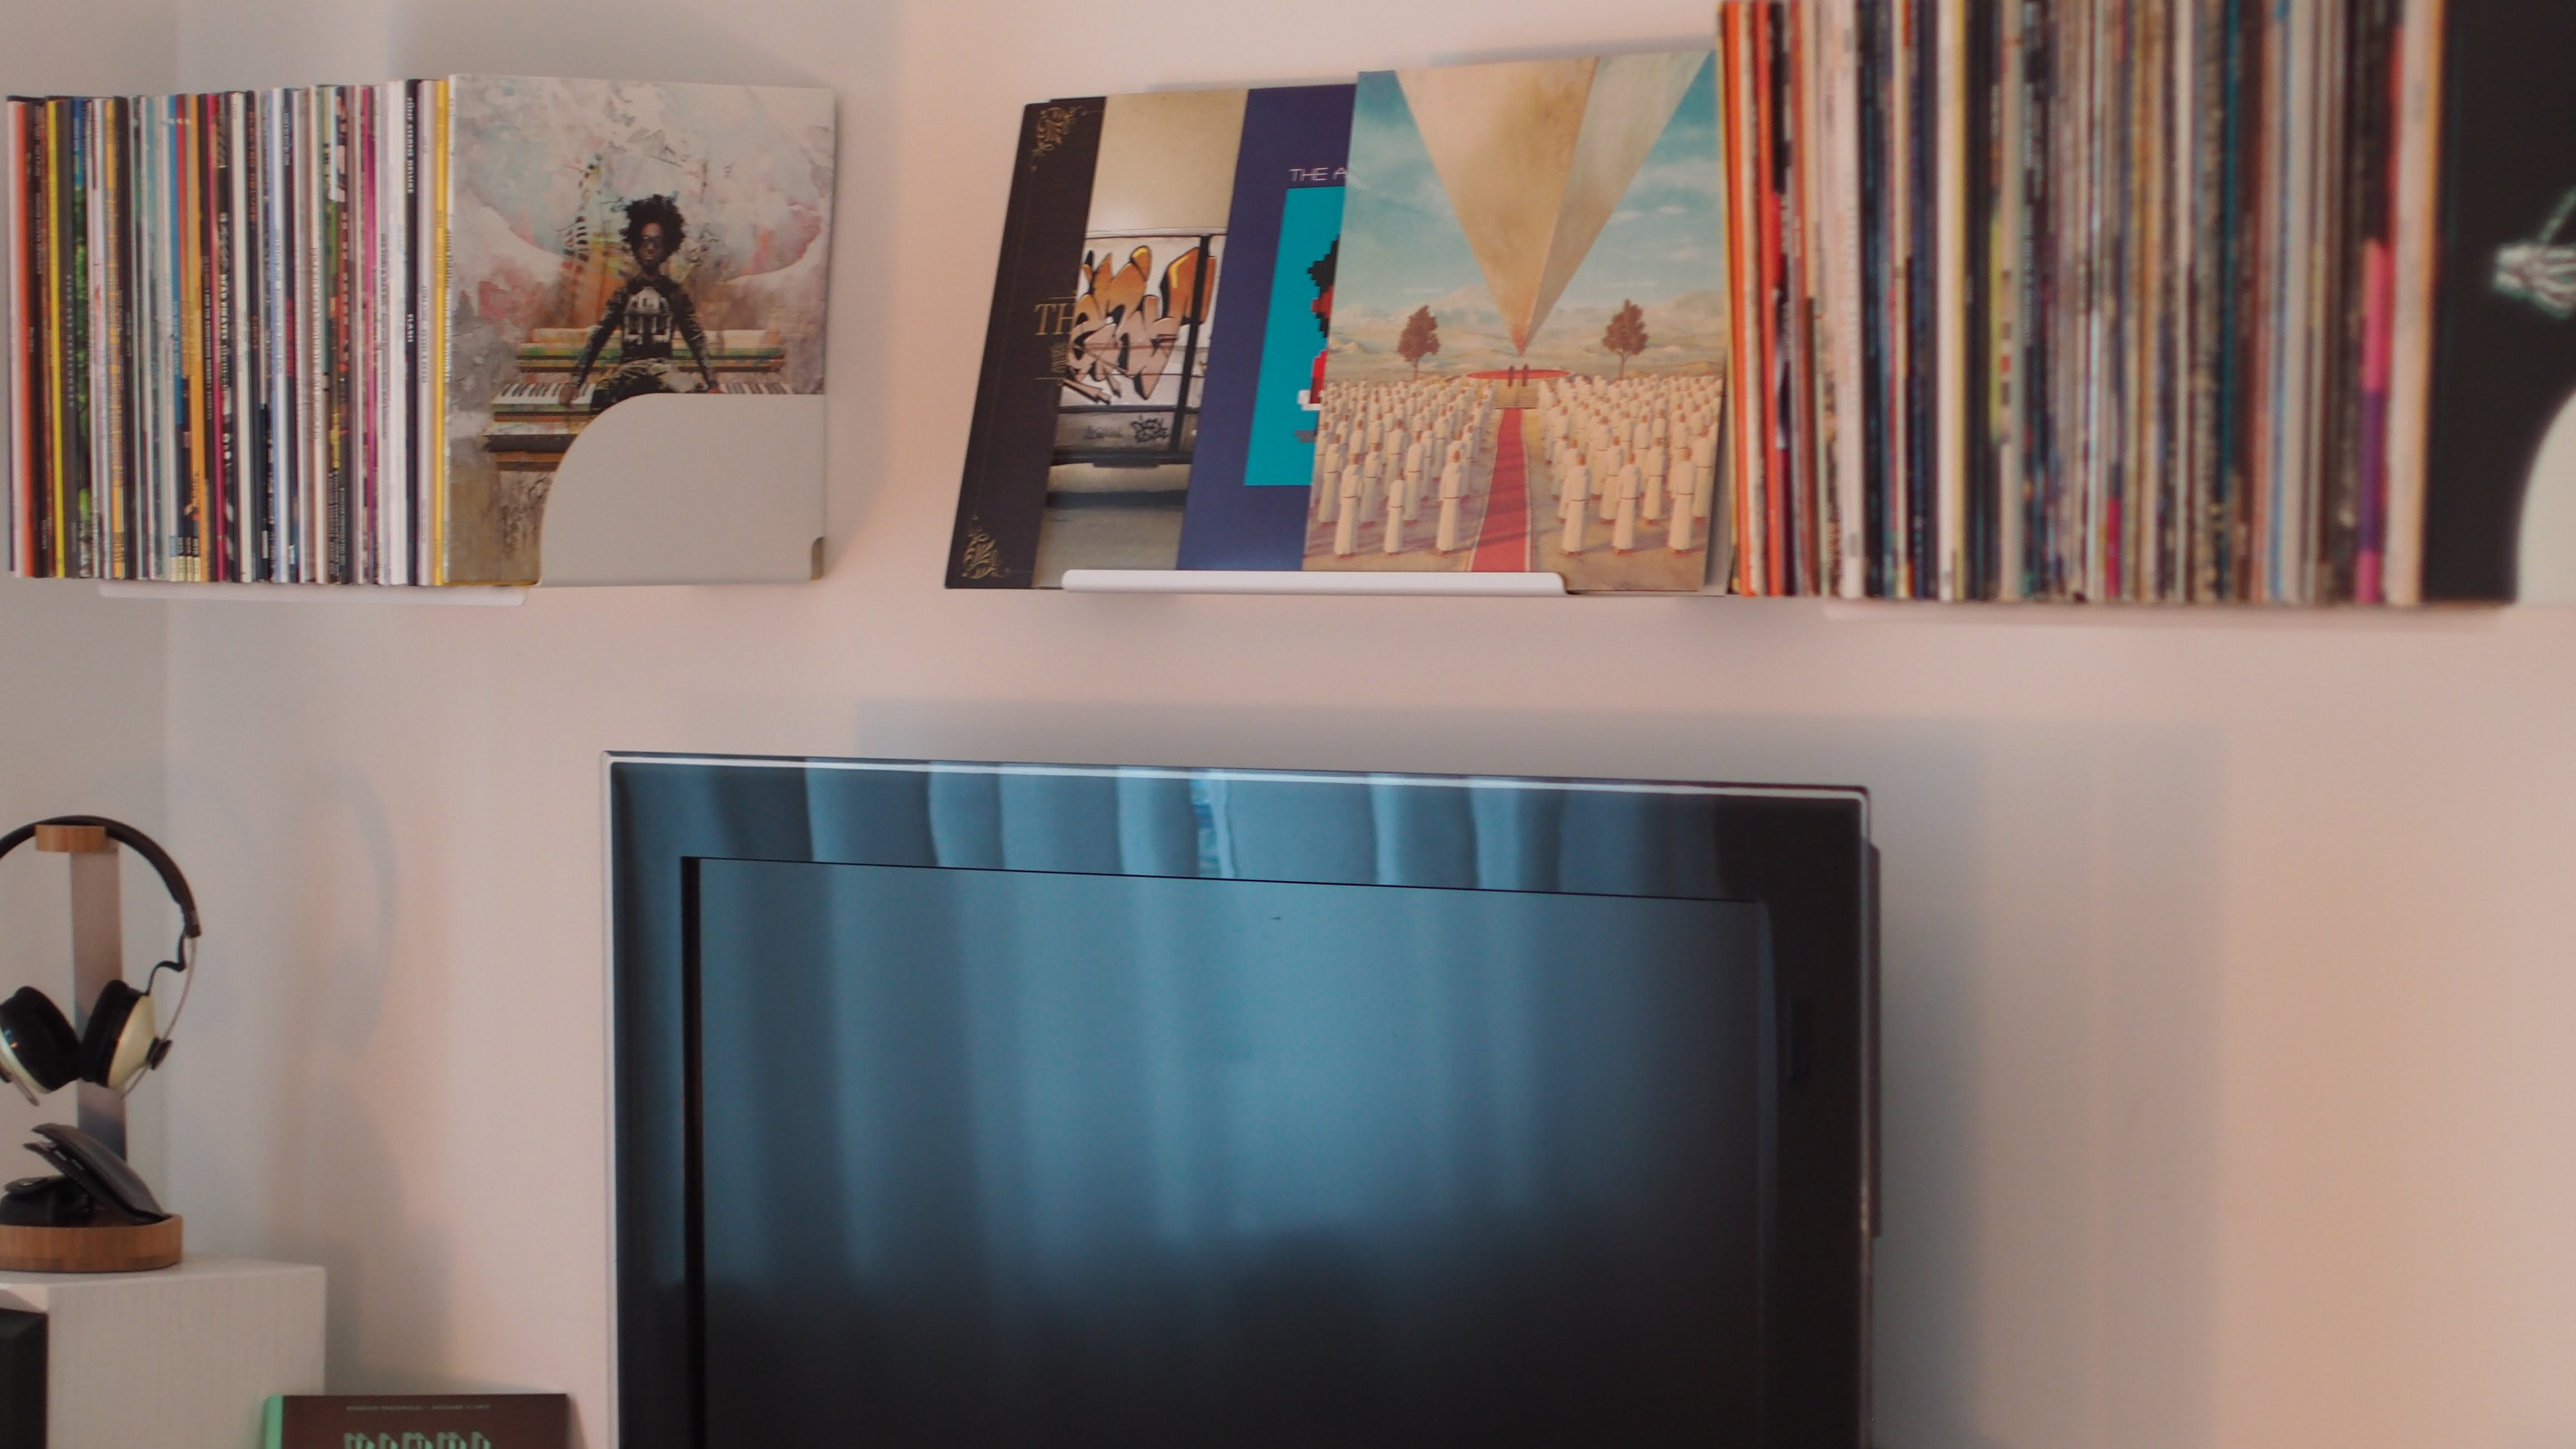 met appartement, binnen, binnenshuis interieur, boeken